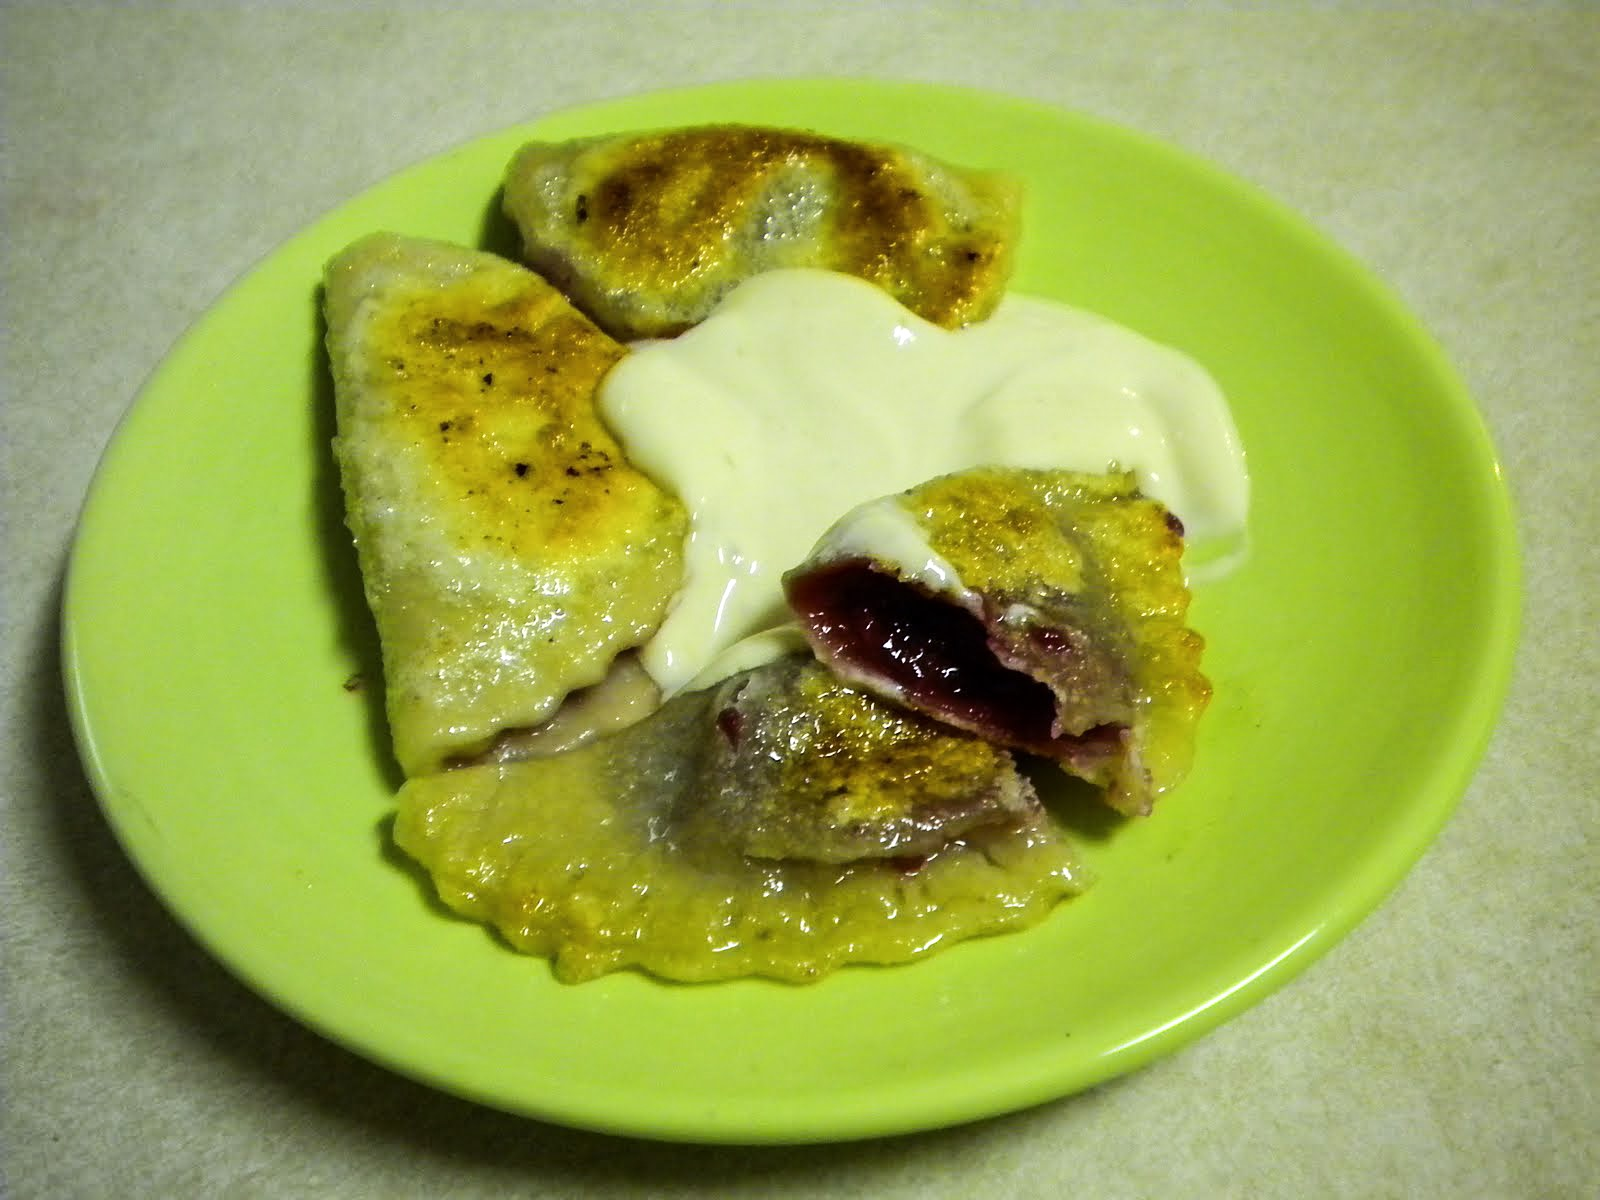 Mixed berry pierogi - delicious!!!